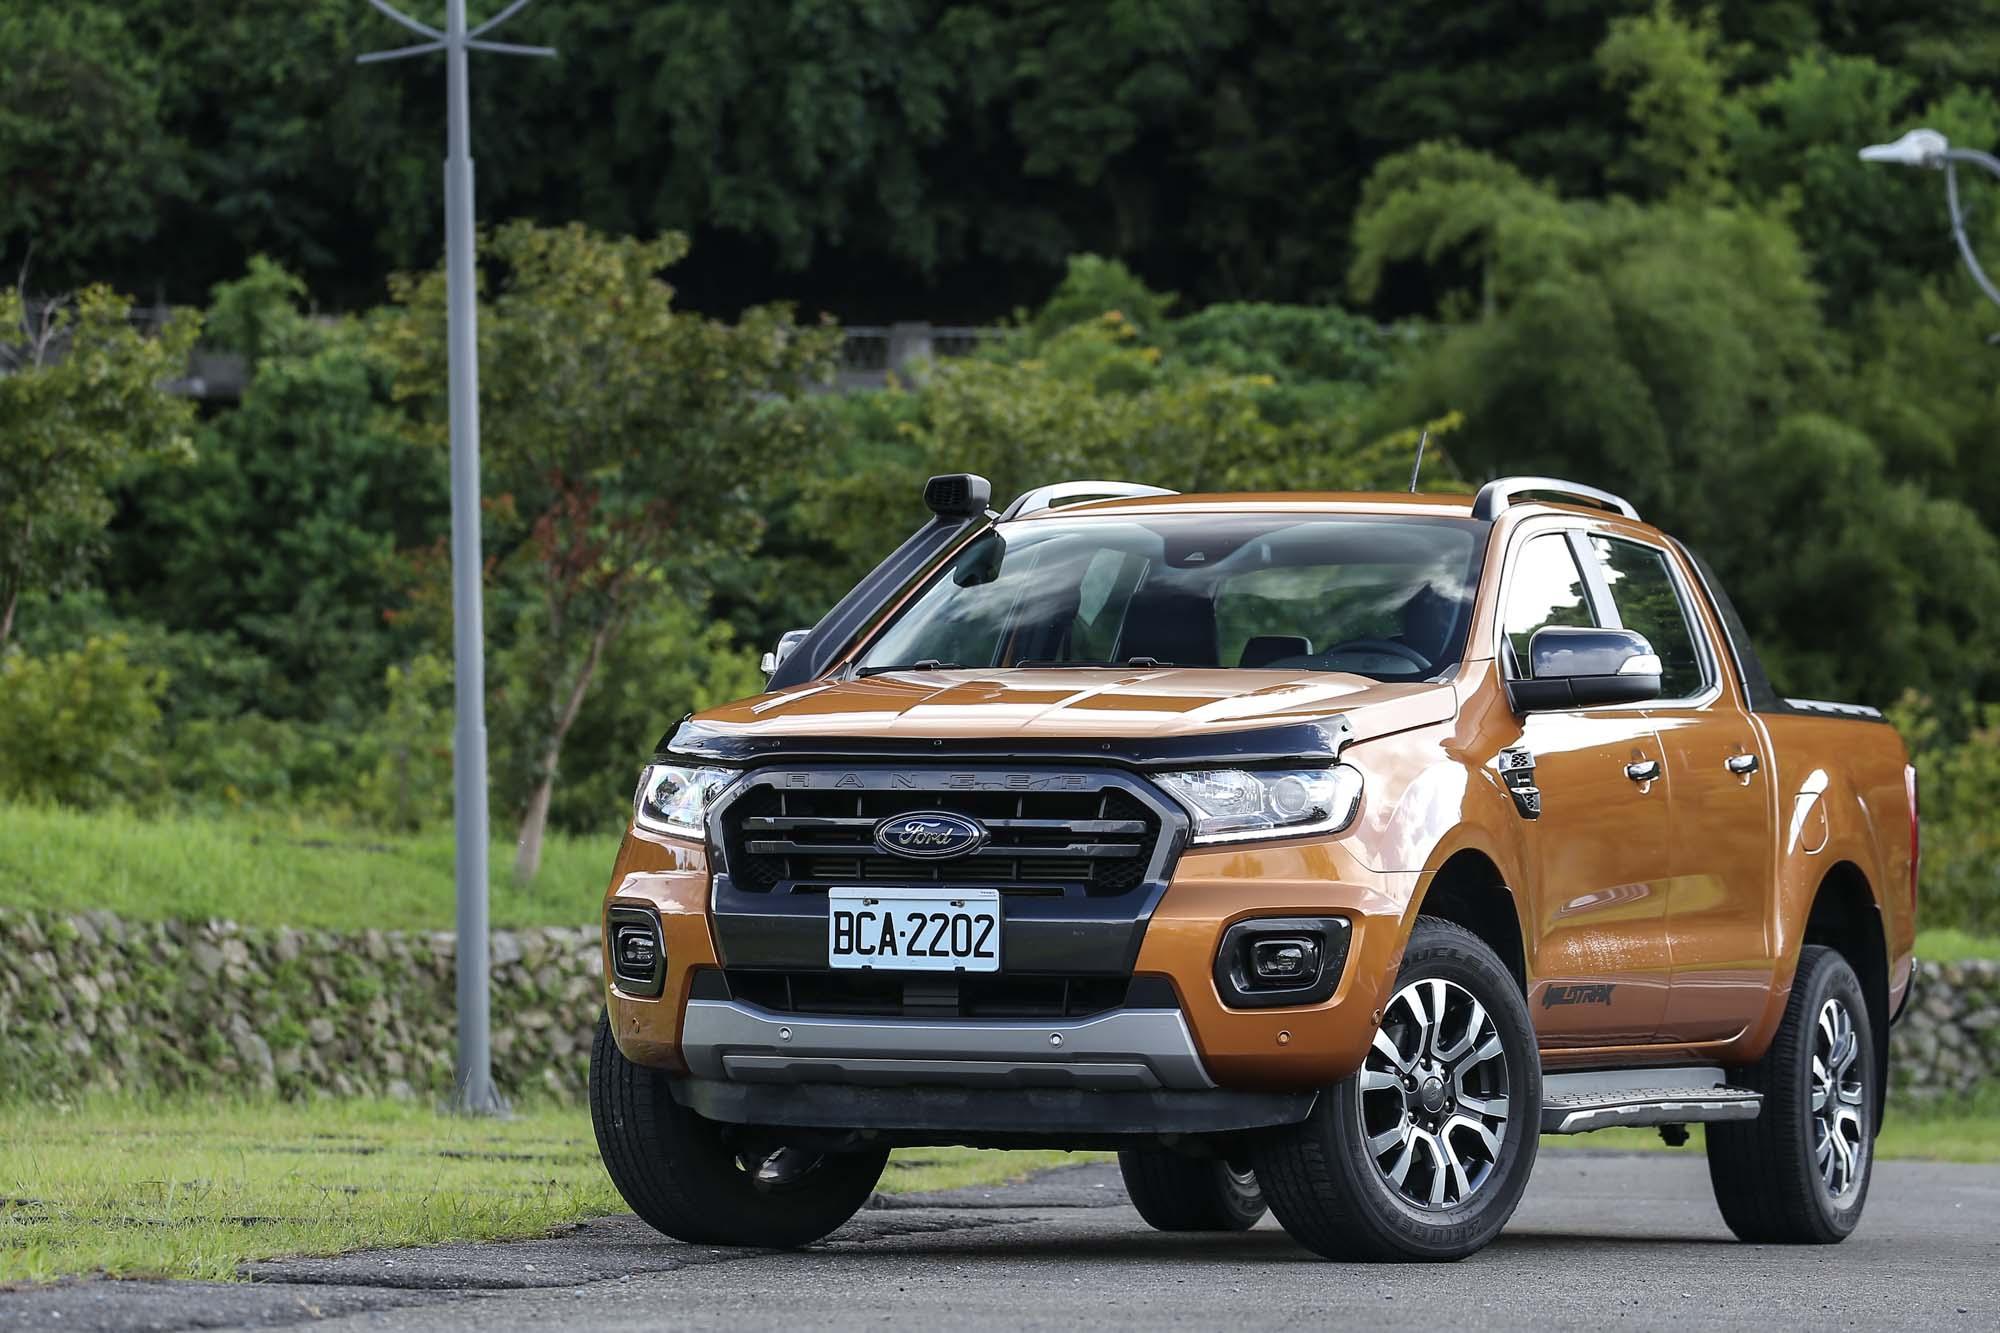 試駕車型為售價 149.8 萬元的Ranger Wildtrak 旗艦型車款。